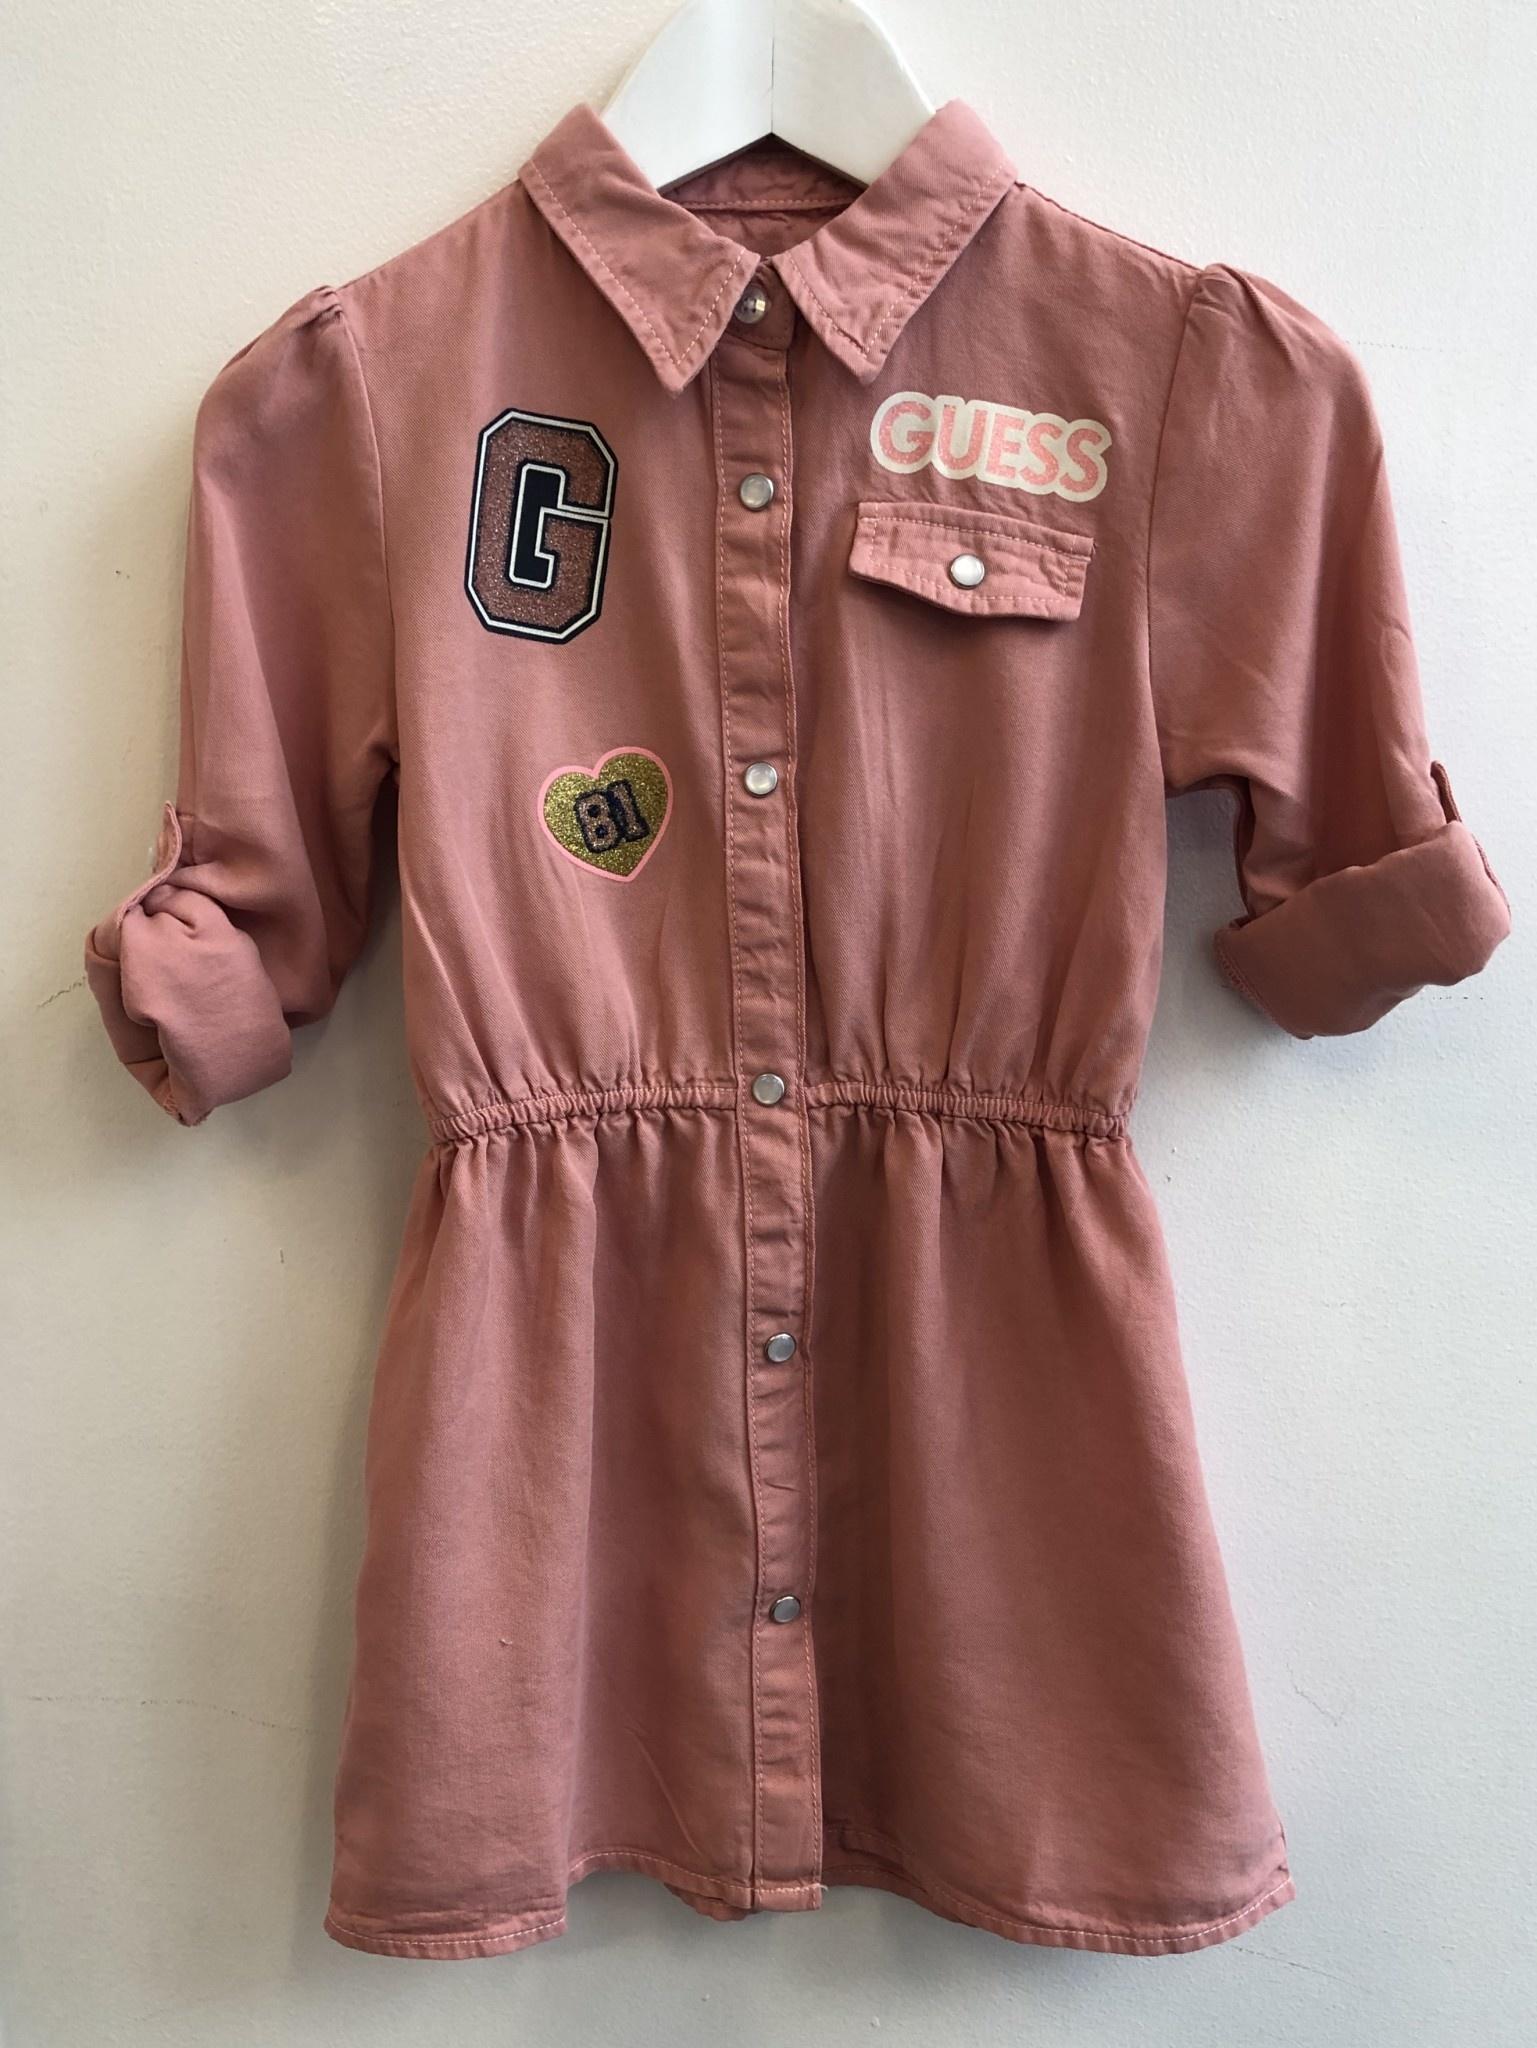 Guess Guess Girls Pink Shirt Dress With Elastic Waist